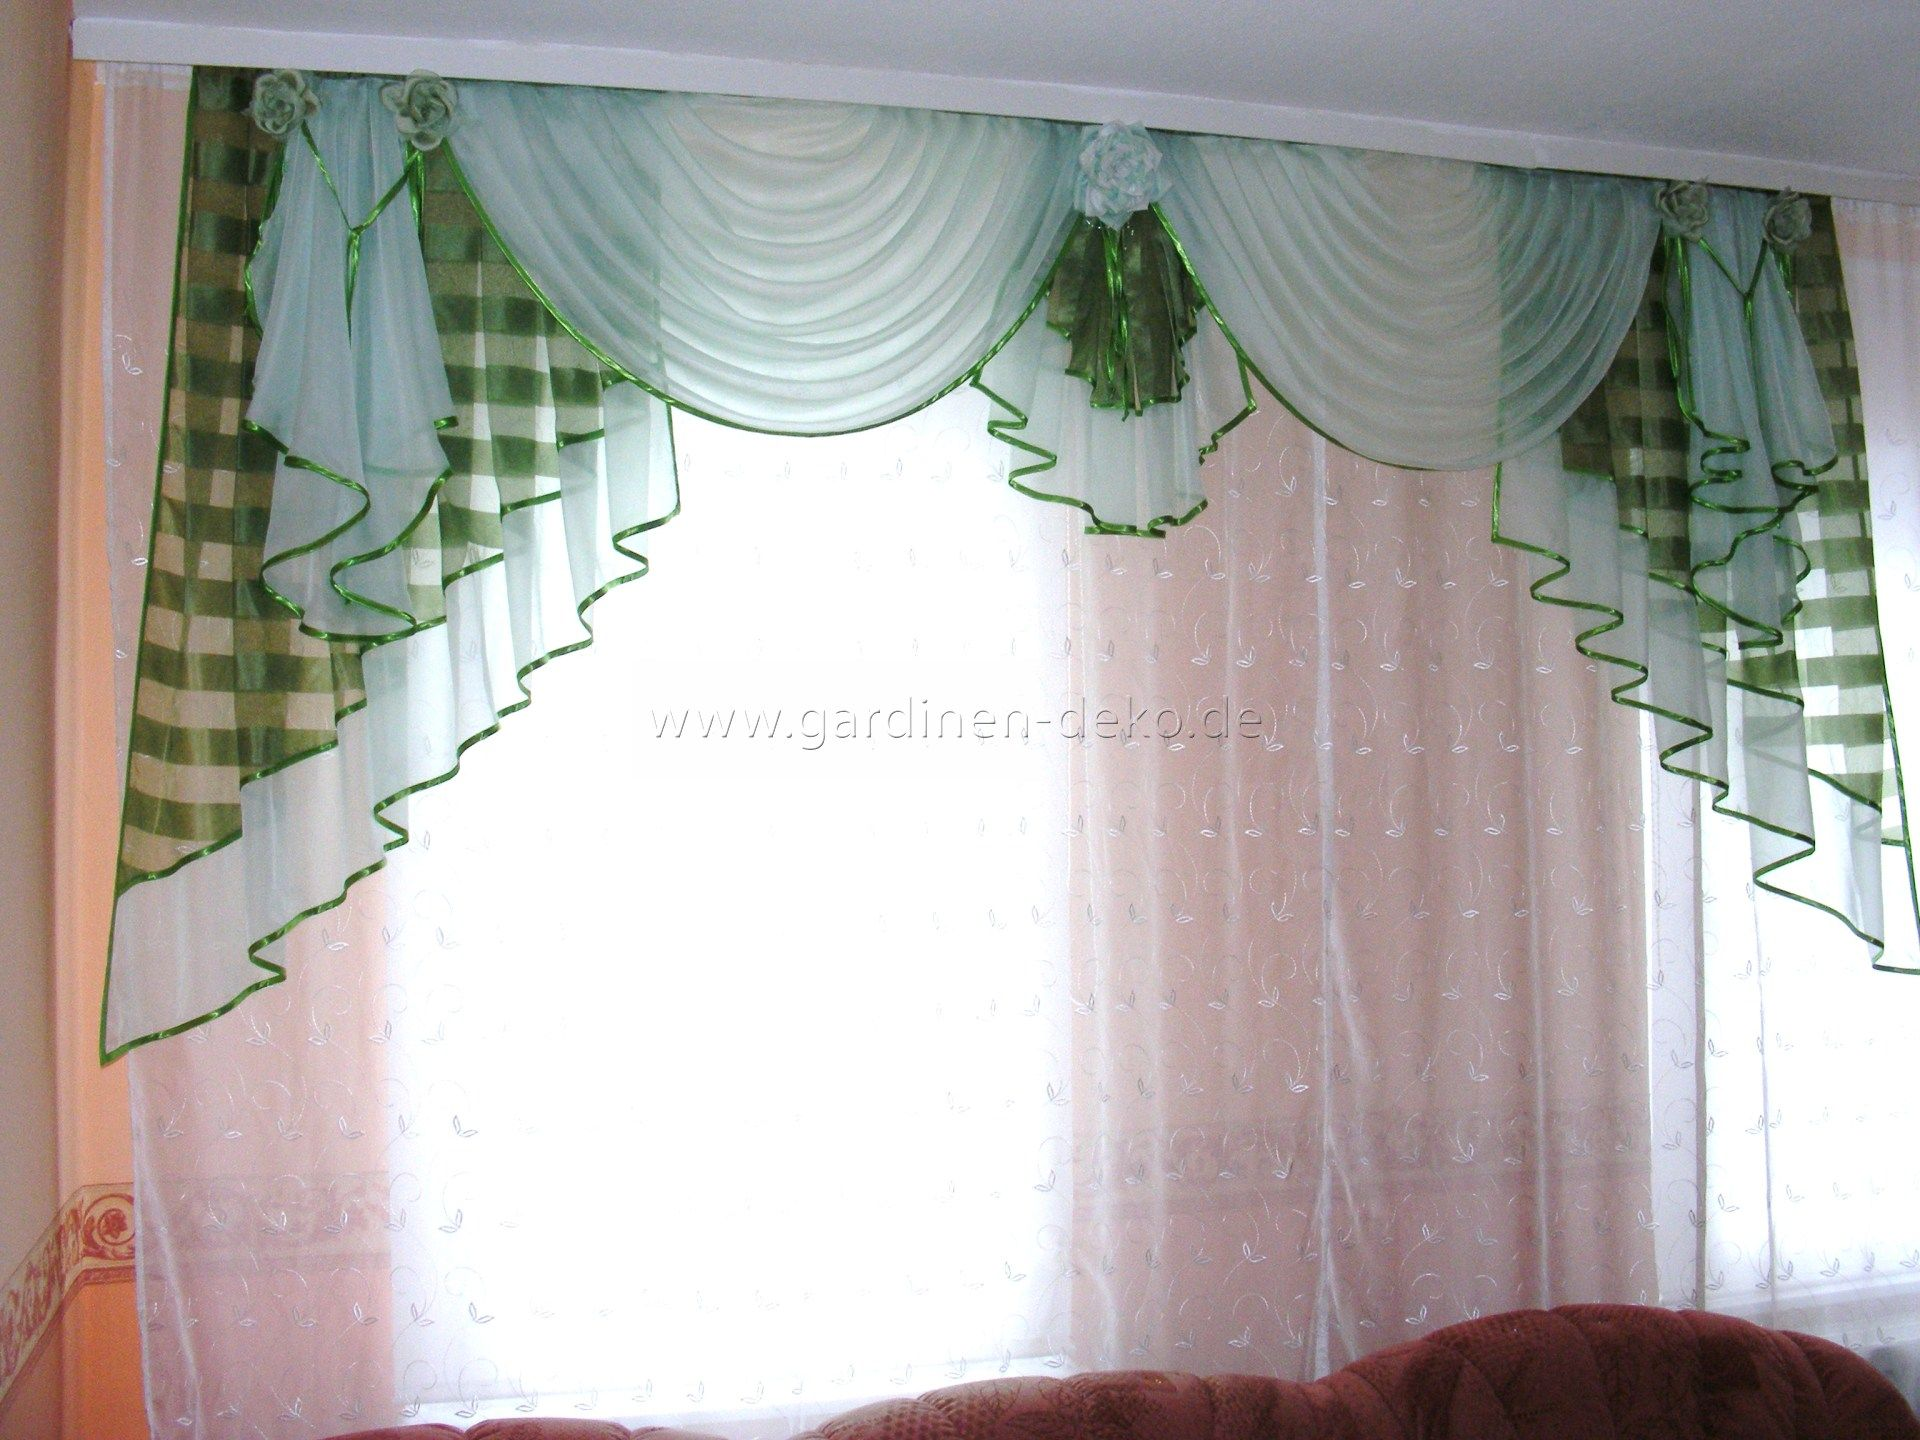 Klassischer Vorhang fürs Schlafzimmer in weiß grün beige   http